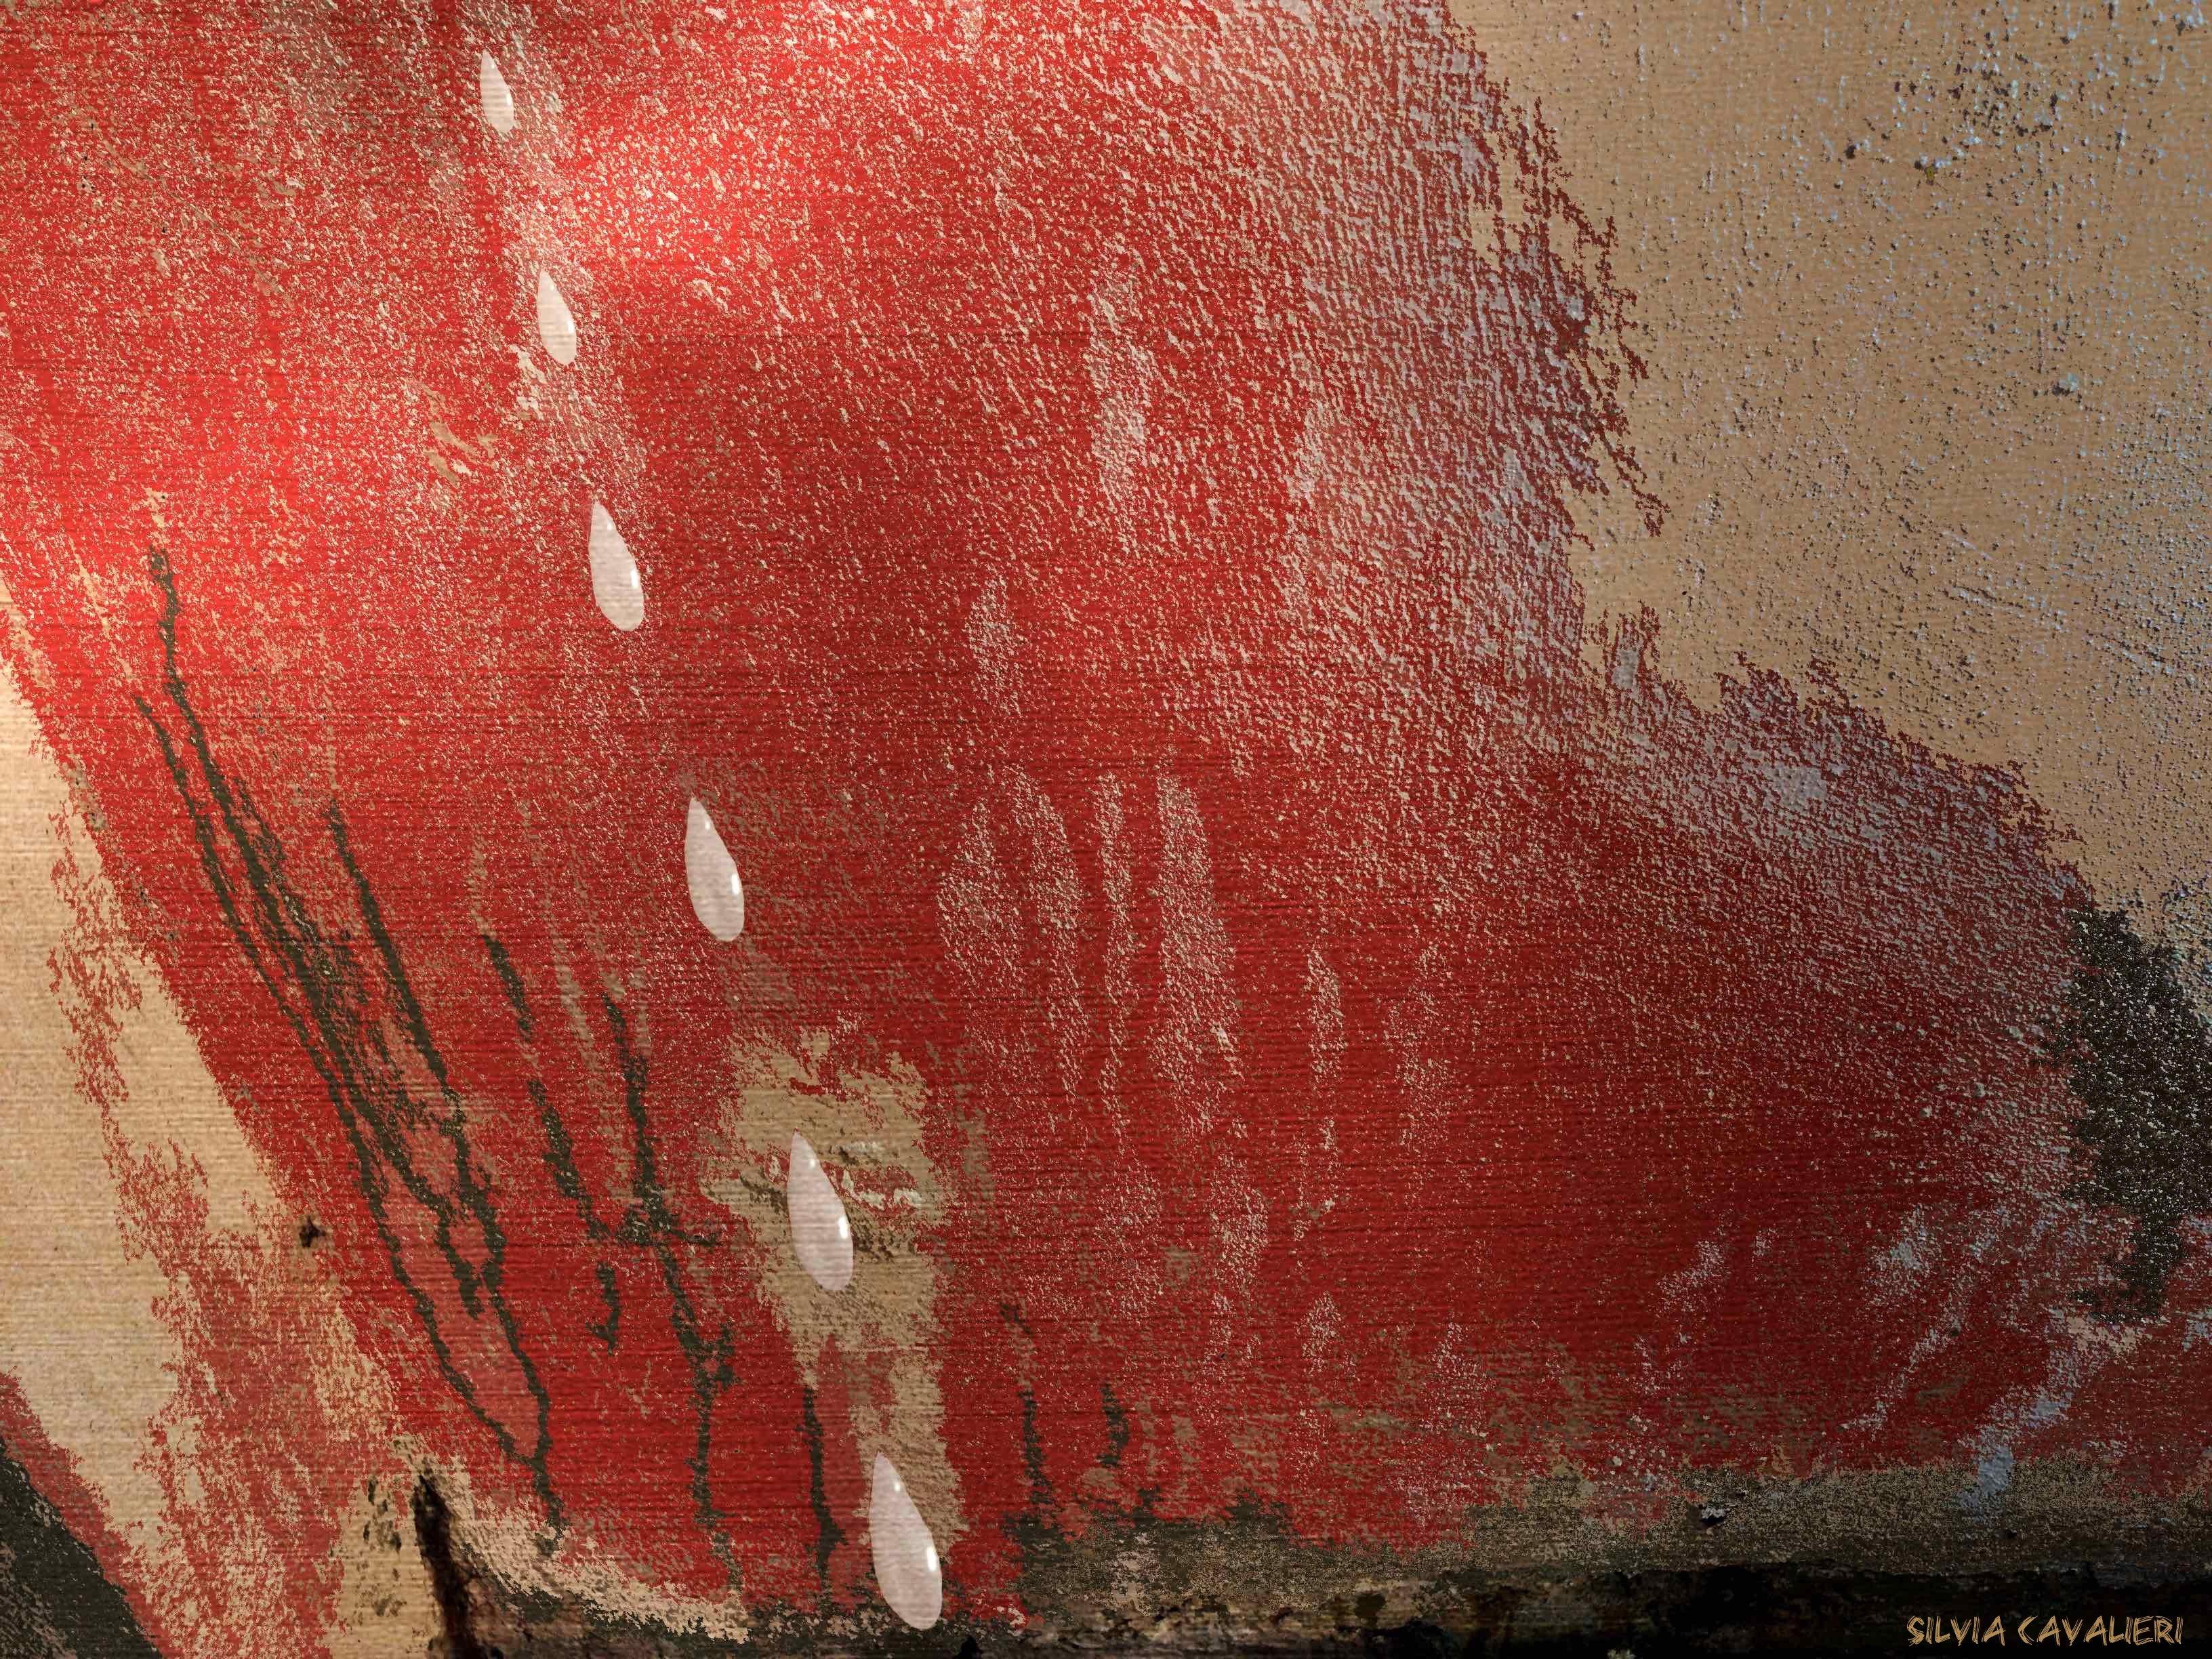 muro di lacrime e sangue